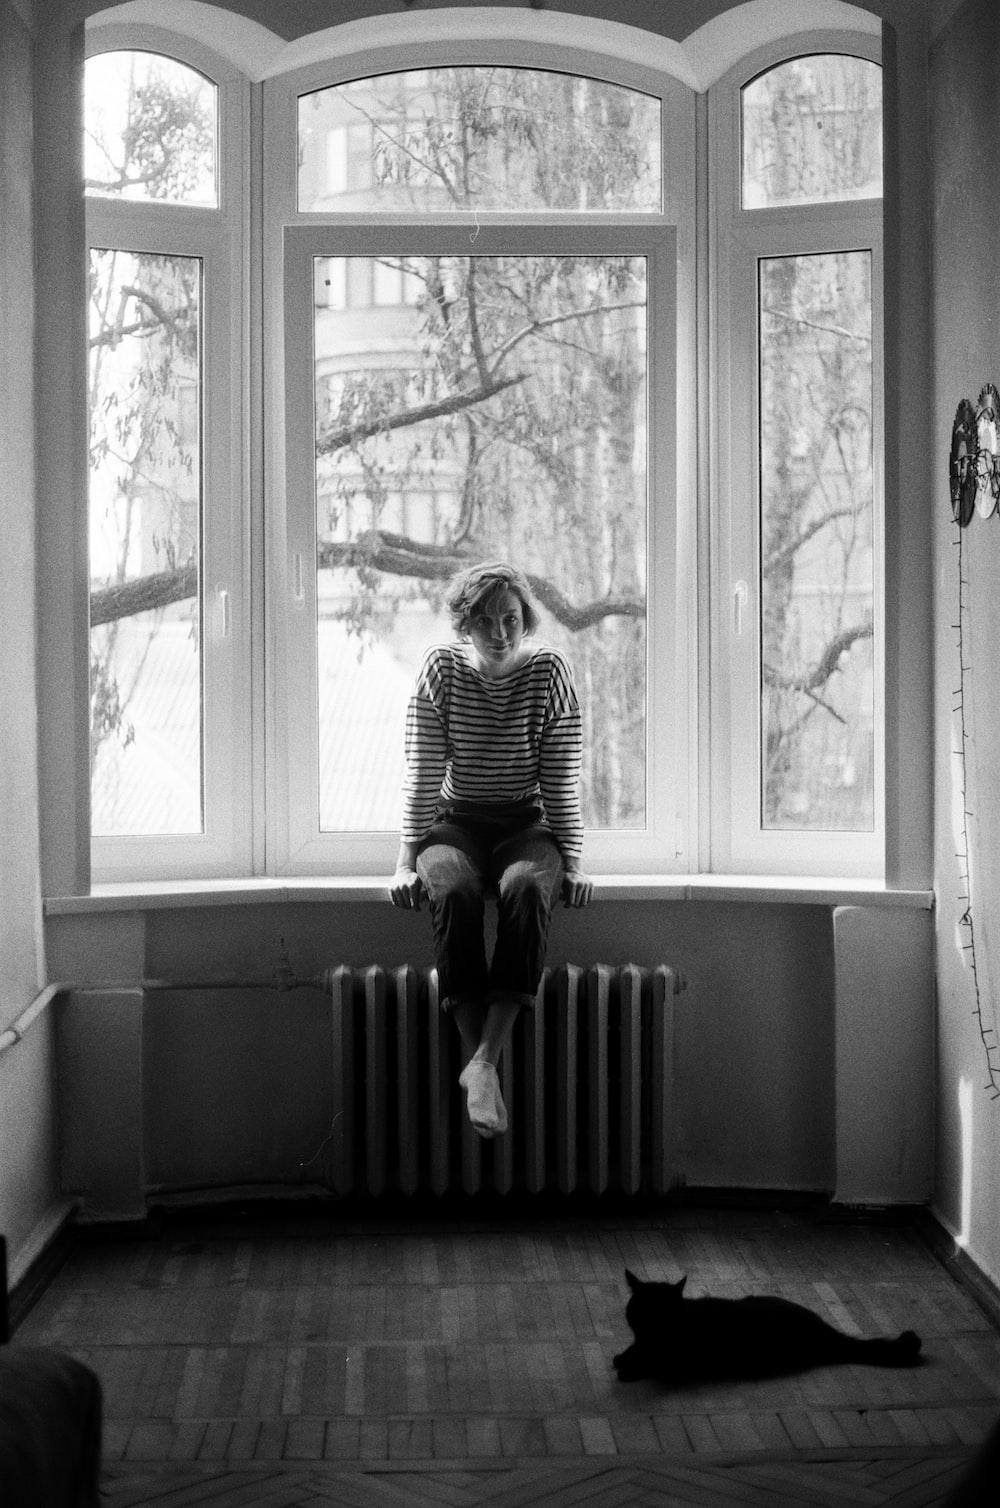 woman in striped dress sitting on window